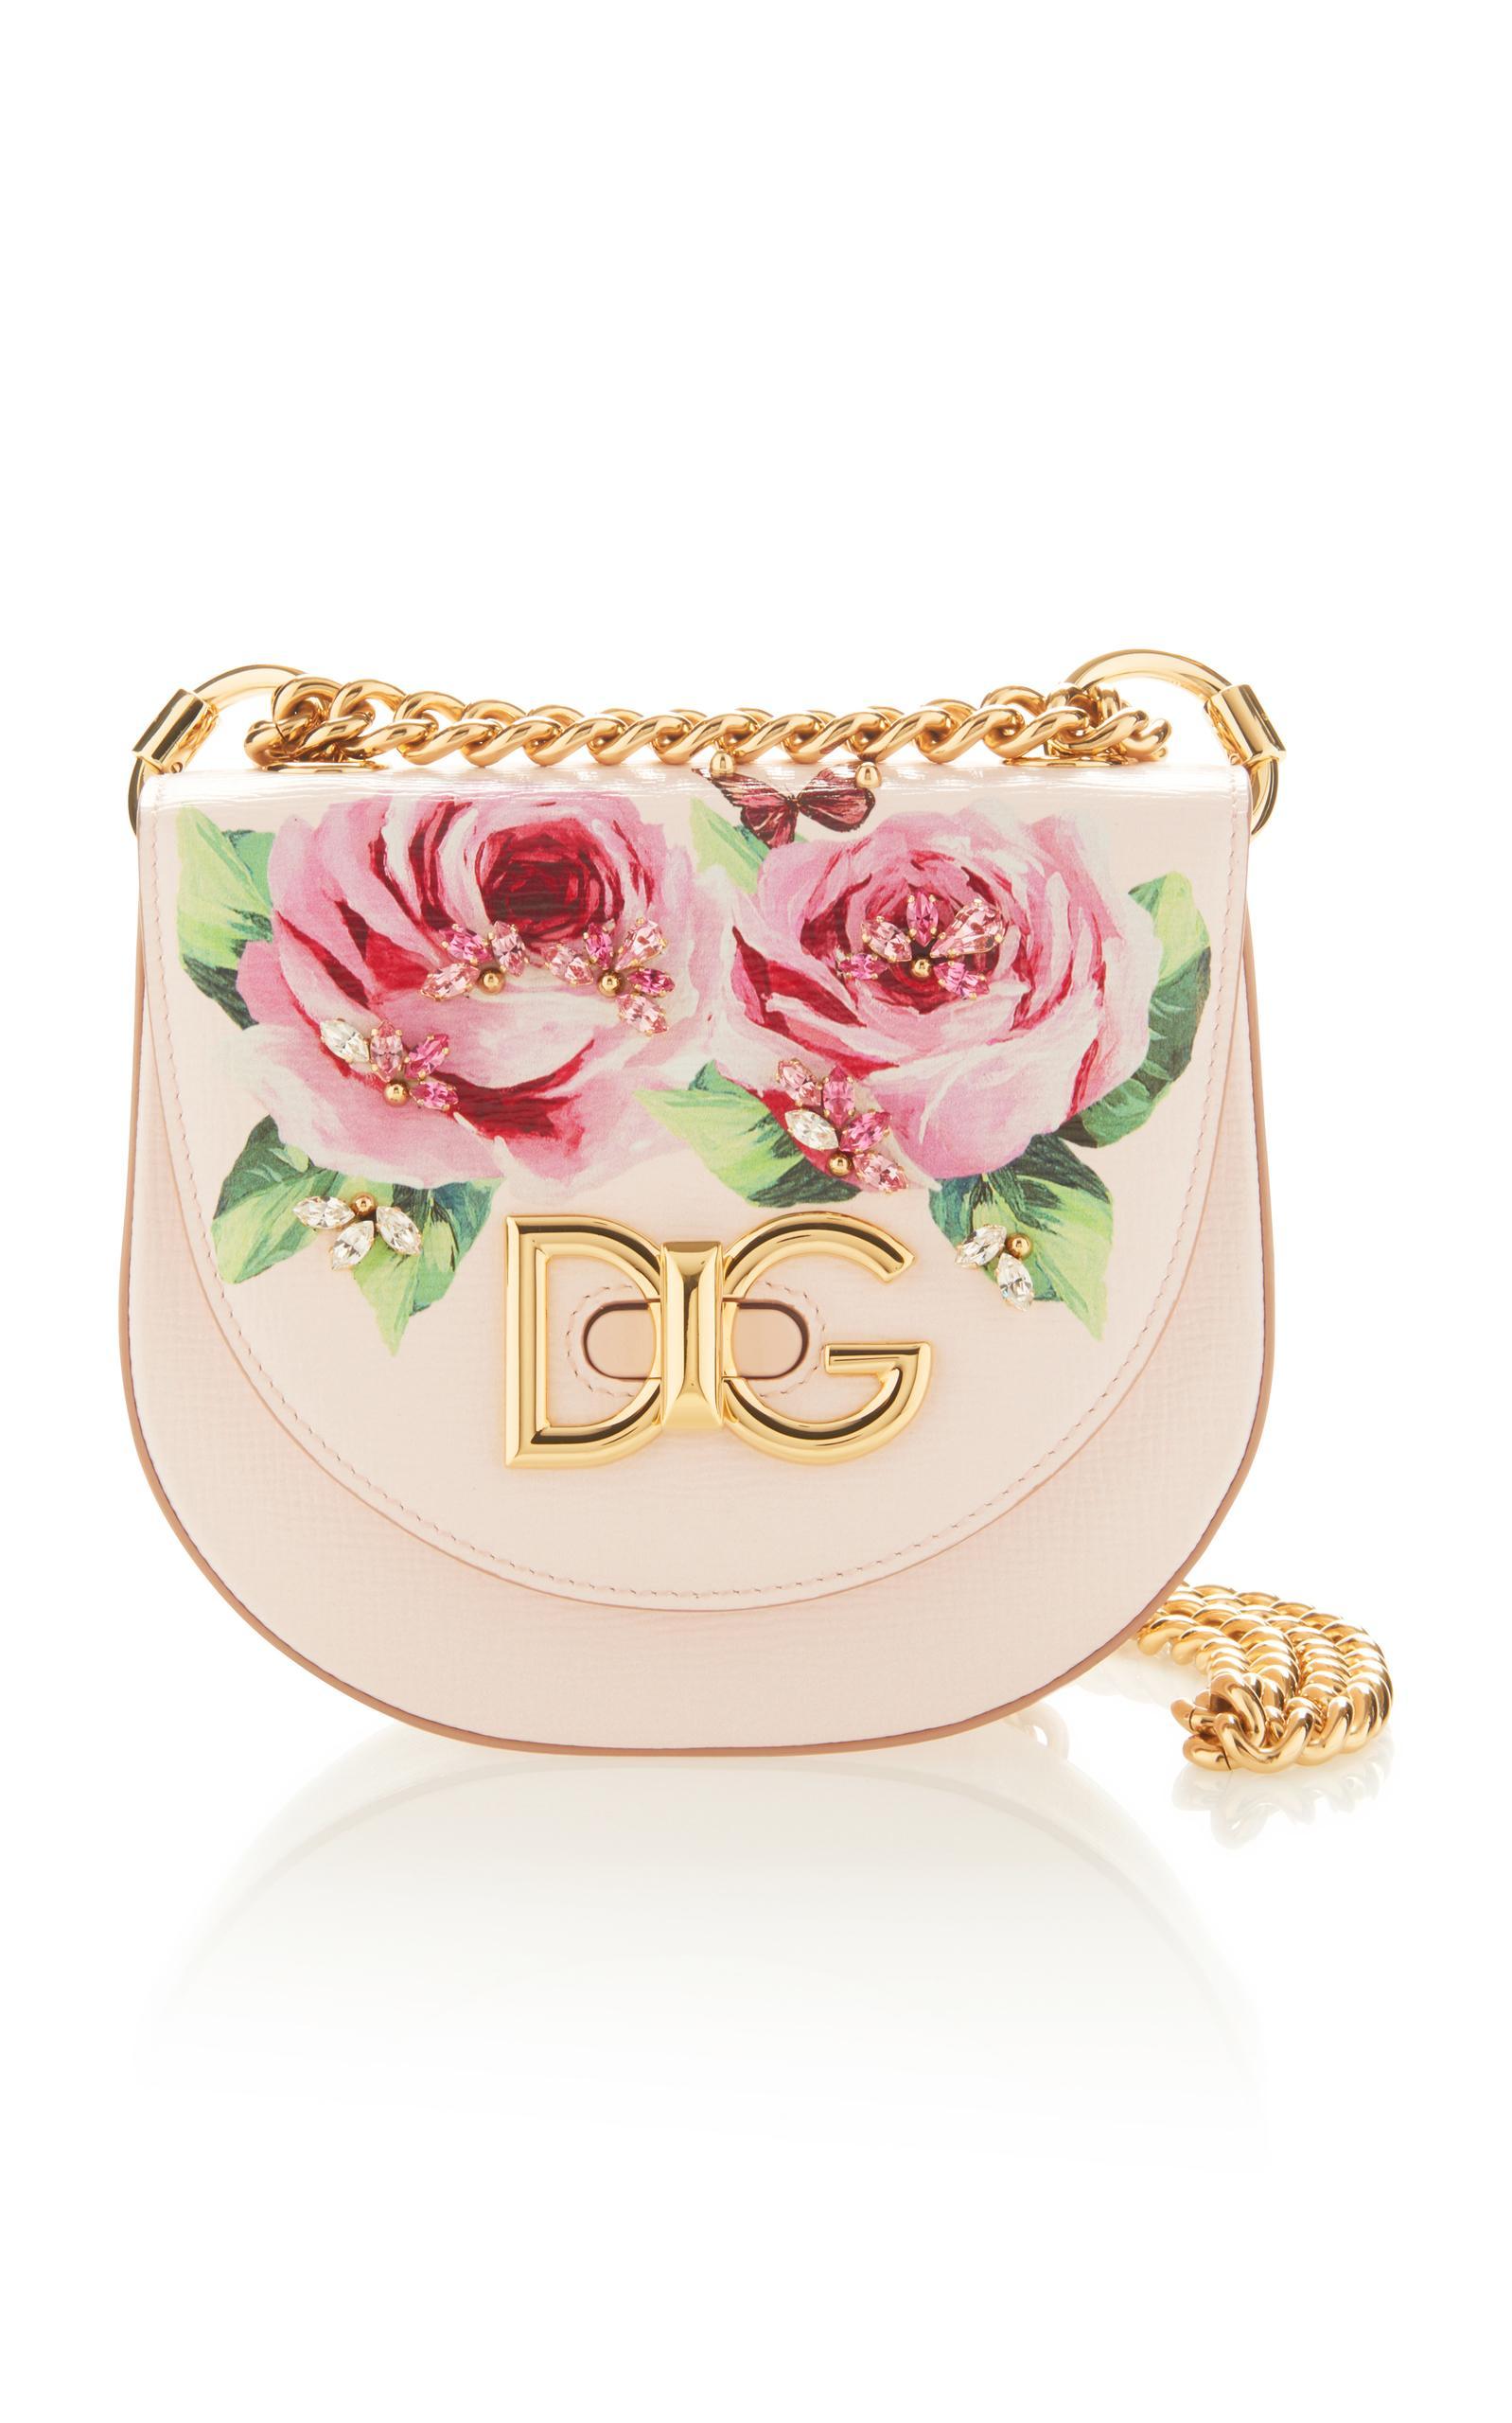 Dolce   Gabbana Dolce E Gabbana Women s Pink Leather Shoulder Bag ... fe362ccaa7c9a